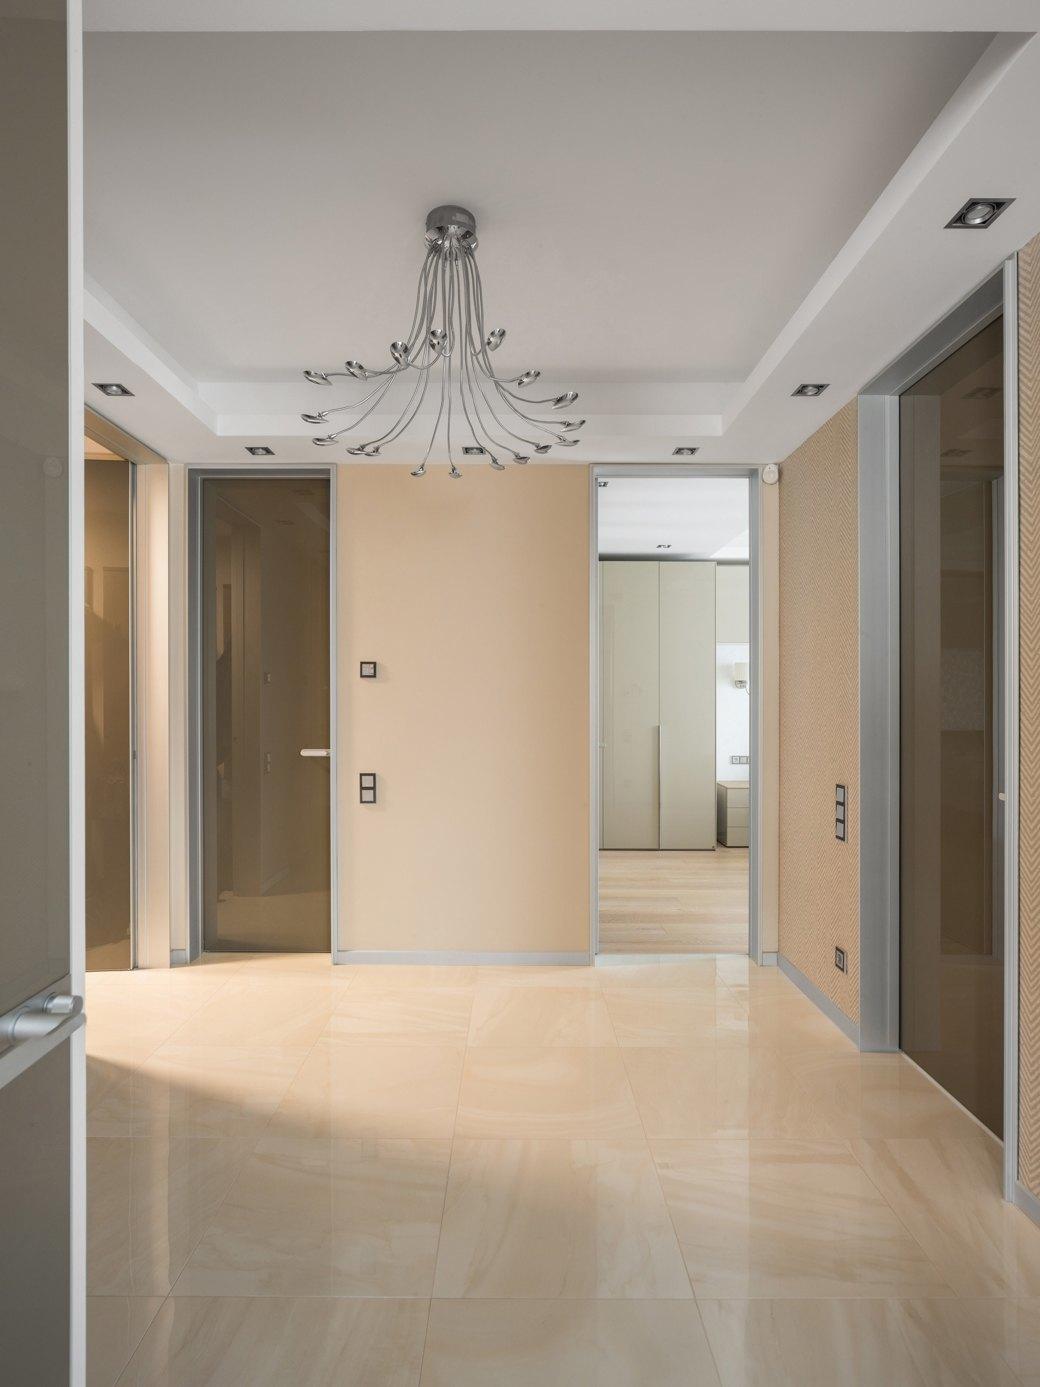 Большая квартира сострогим интерьером в«Парадном квартале» (Петербург). Изображение № 11.